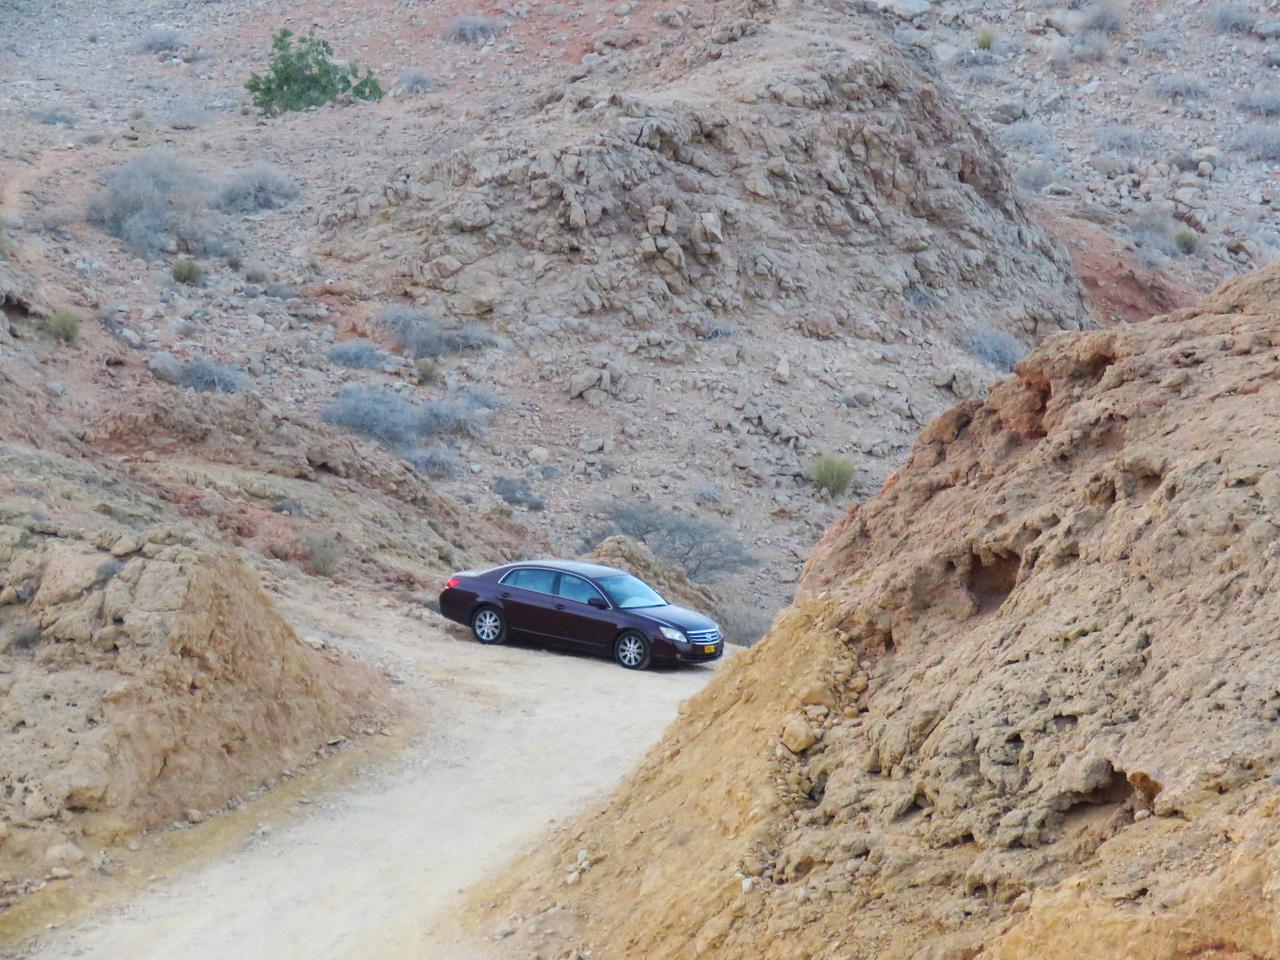 Látványos fotók készülhetnek ebben a kőtengerben bármilyen autóról – még erről a nem különösebben izgalmas formájú Toyota szedánról is.